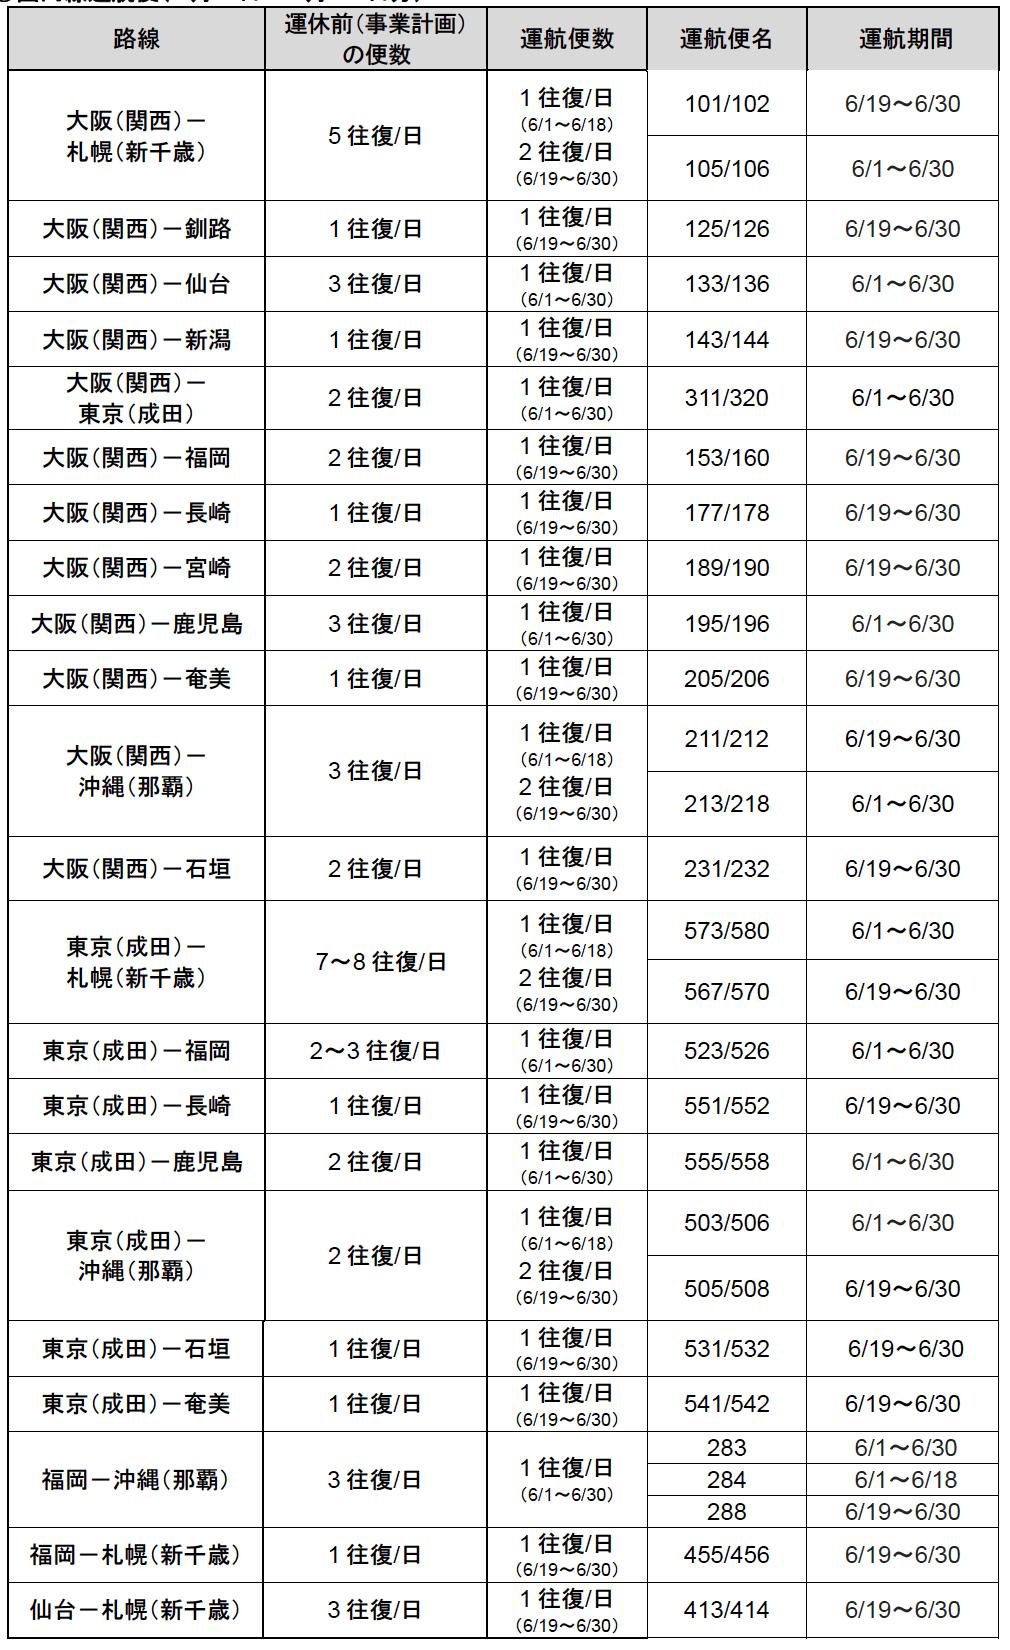 スクリーンショット 2020 05 23 14.10.08